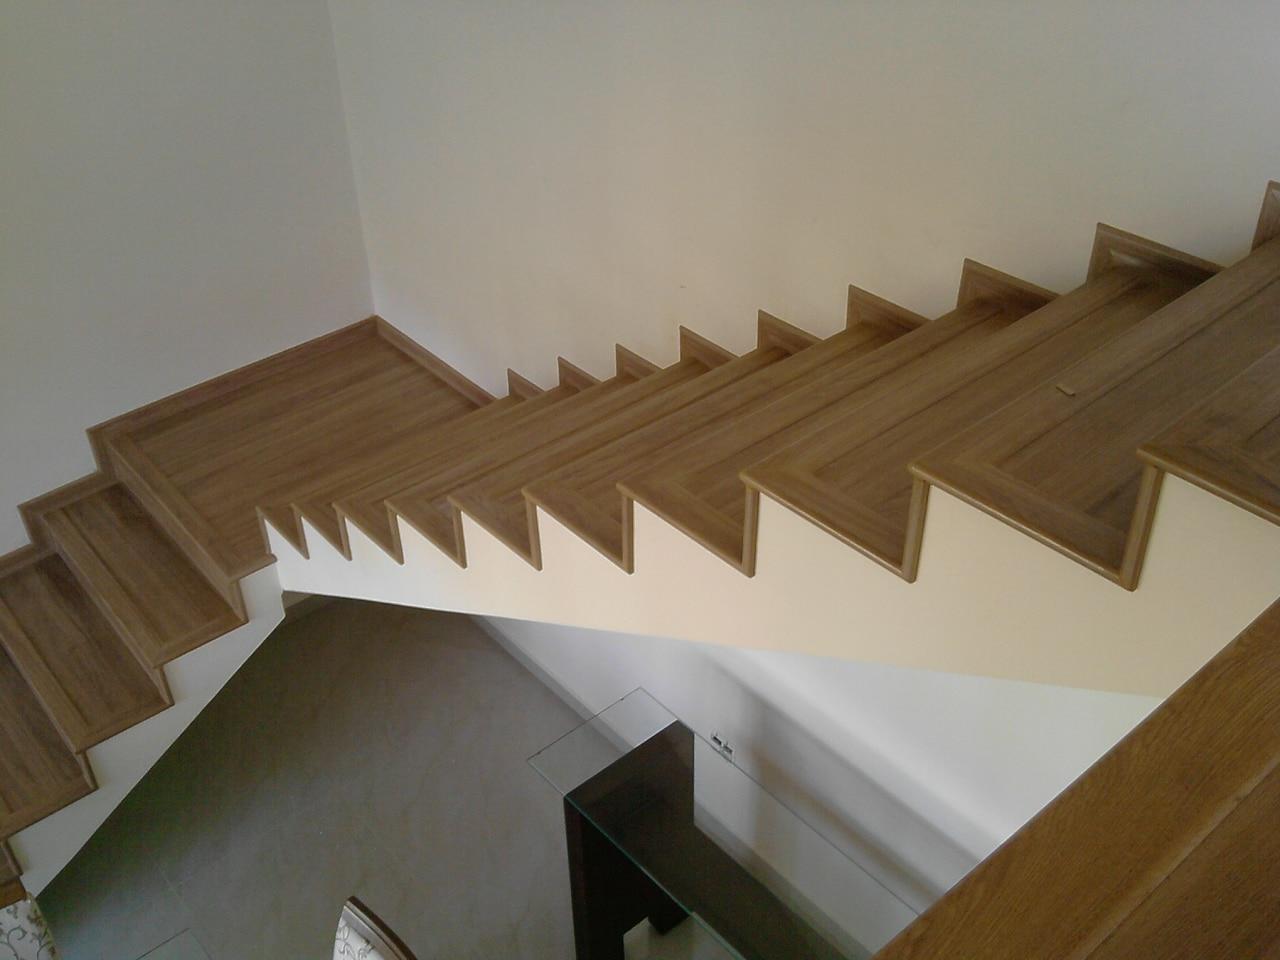 Escada de piso laminado: conheça as vantagens. (Foto: Divulgação)